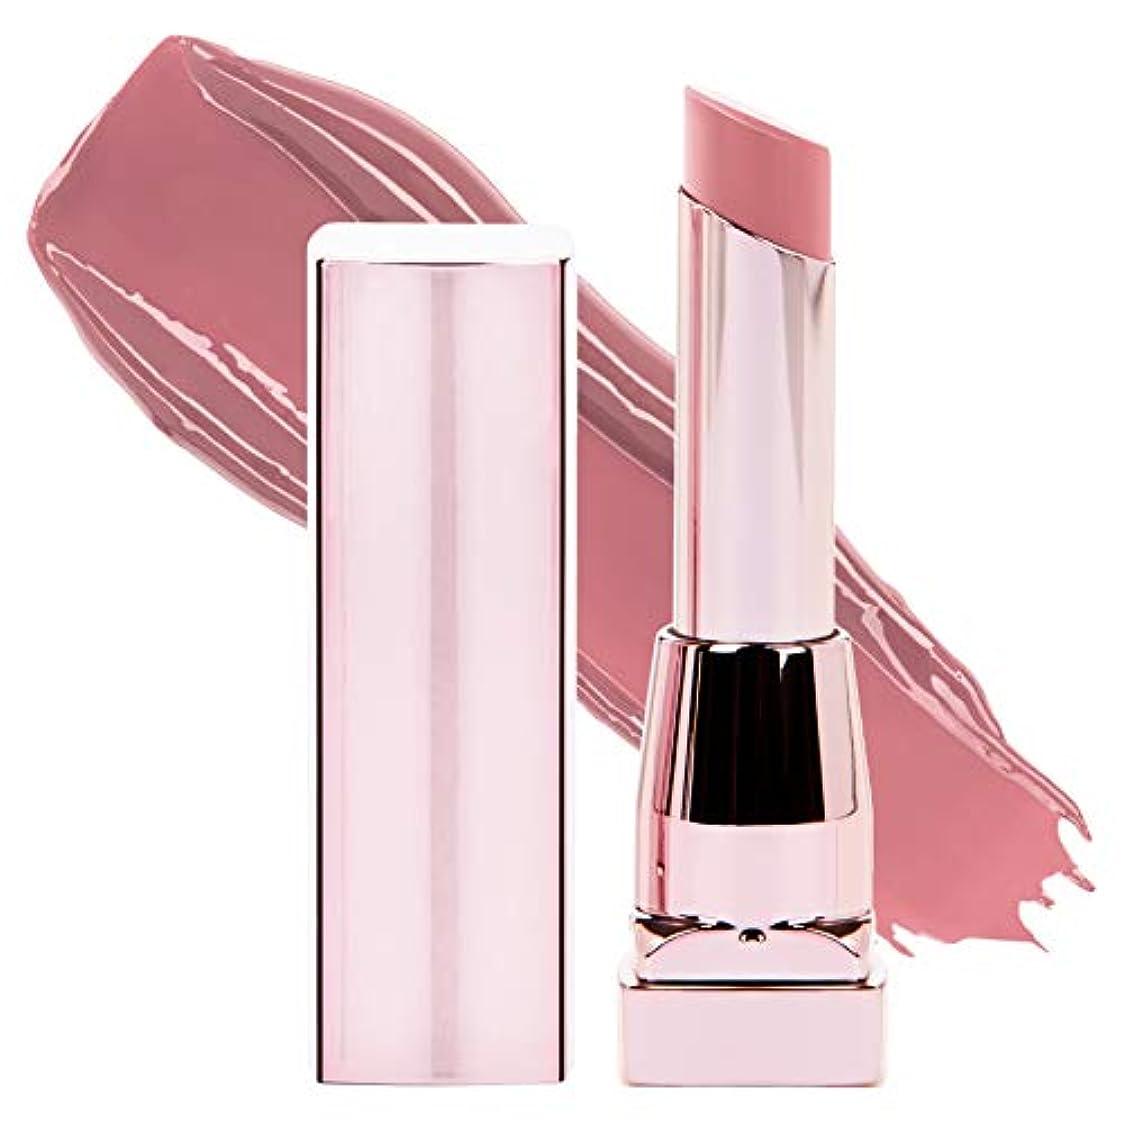 ベッド知事鬼ごっこMAYBELLINE Color Sensational Shine Compulsion Lipstick - Undressed Pink 075 (並行輸入品)